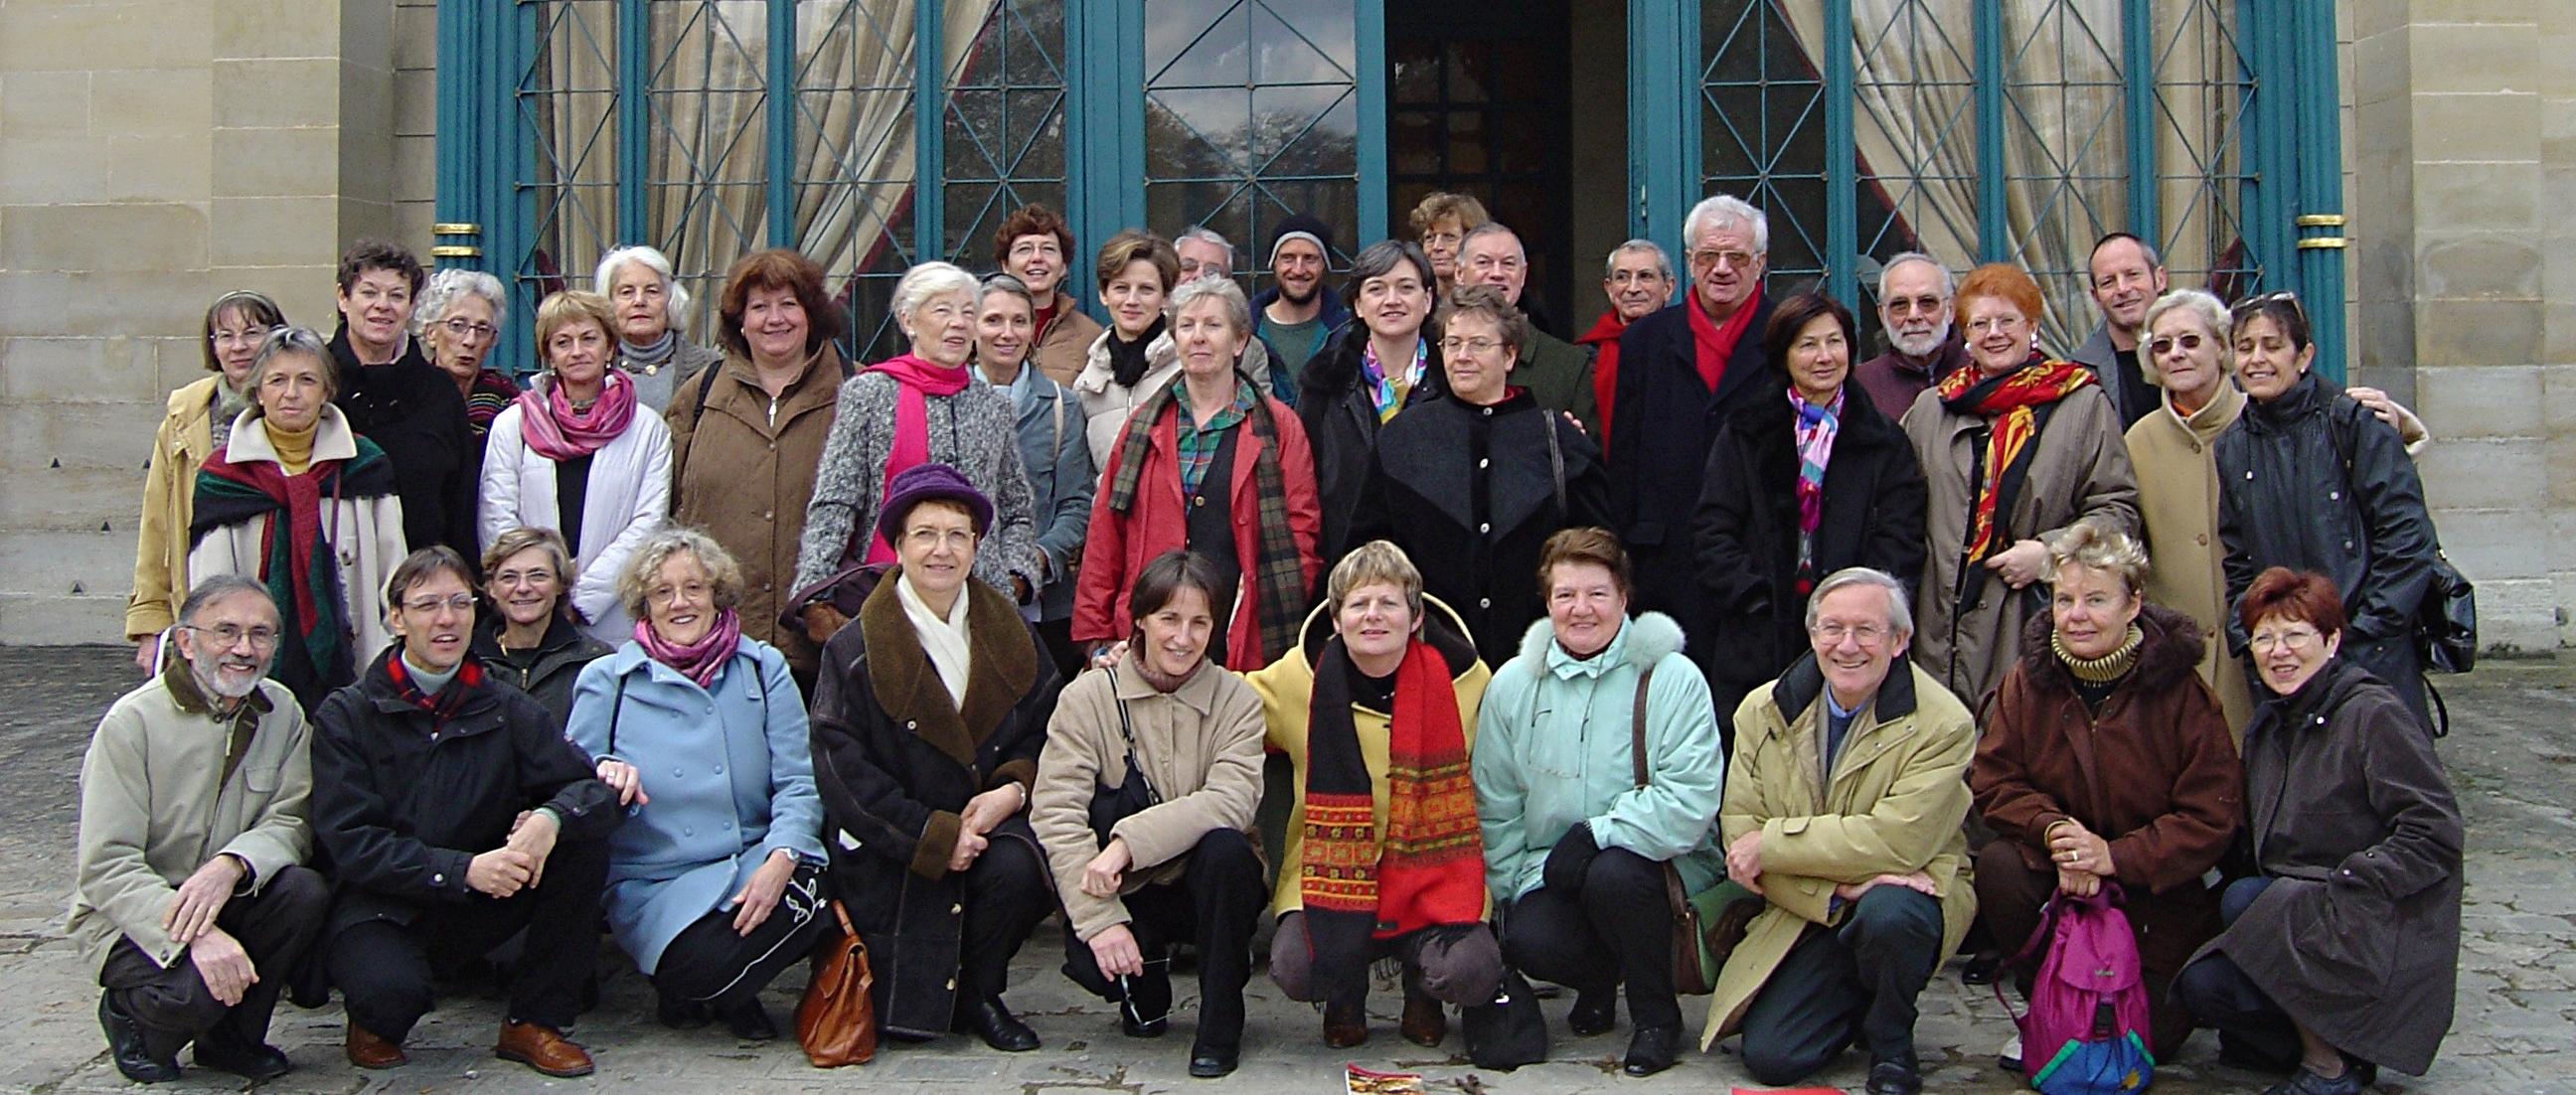 2004 - La Malmaison